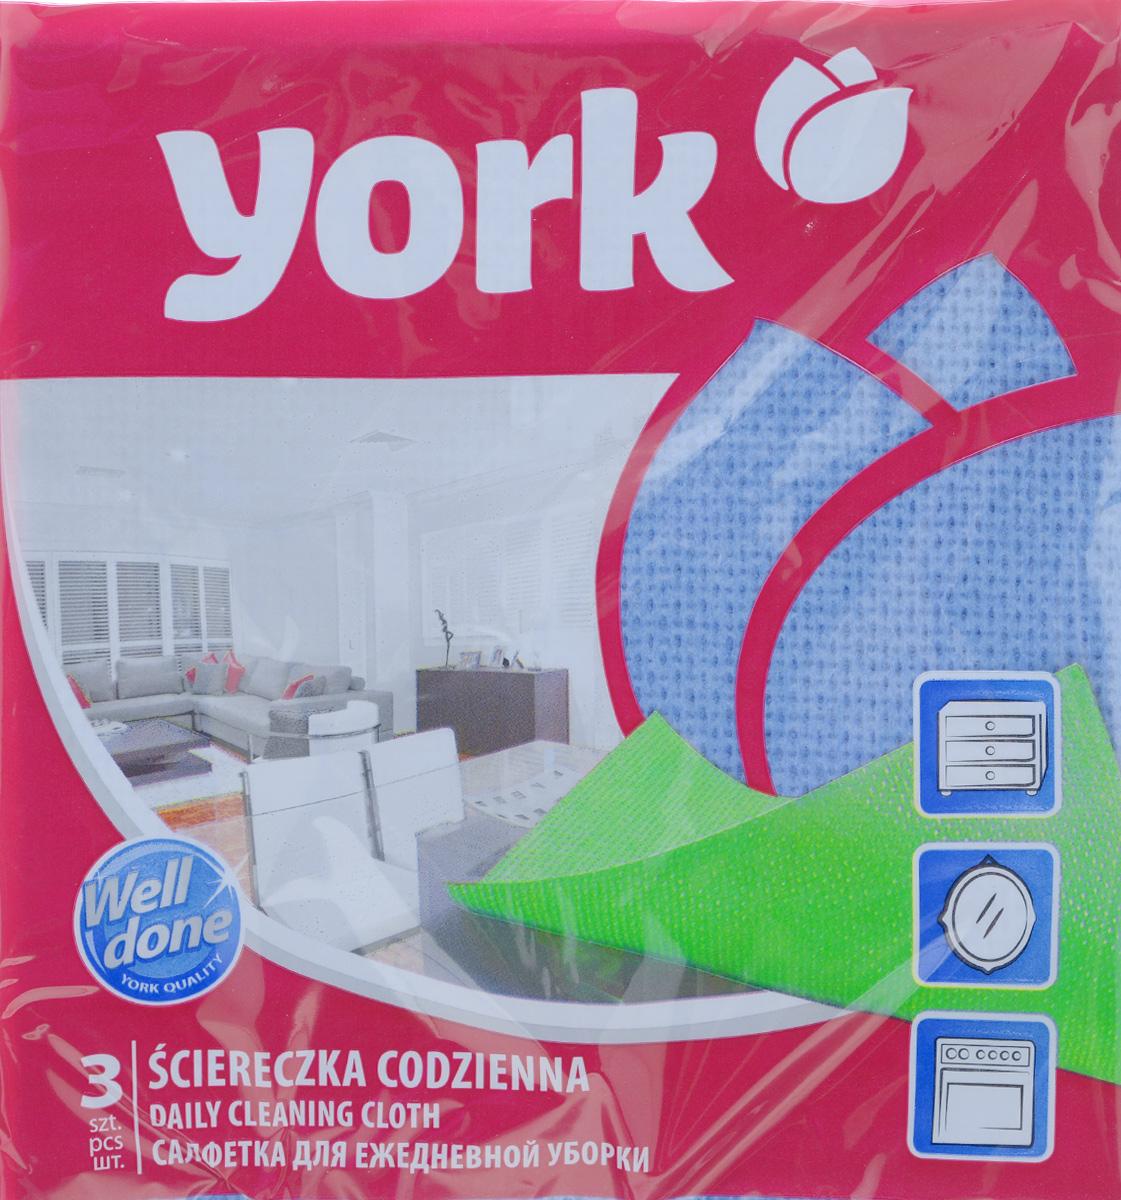 Салфетка для ежедневной уборки York Ламбада, цвет: синий, 37 х 40 см, 3 шт2106_синийУниверсальная салфетка York Ламбада предназначена для мытья, протирания и полировки различных поверхностей. Салфетка, выполненная из вискозы, отличается высокой прочностью. Салфетка хорошо поглощает влагу. Идеальна для ухода за столешницами и раковиной, а также для мытья посуды. Может использоваться в сухом и влажном виде.В комплекте 3 салфетки.Размер салфетки: 37 х 40 см.